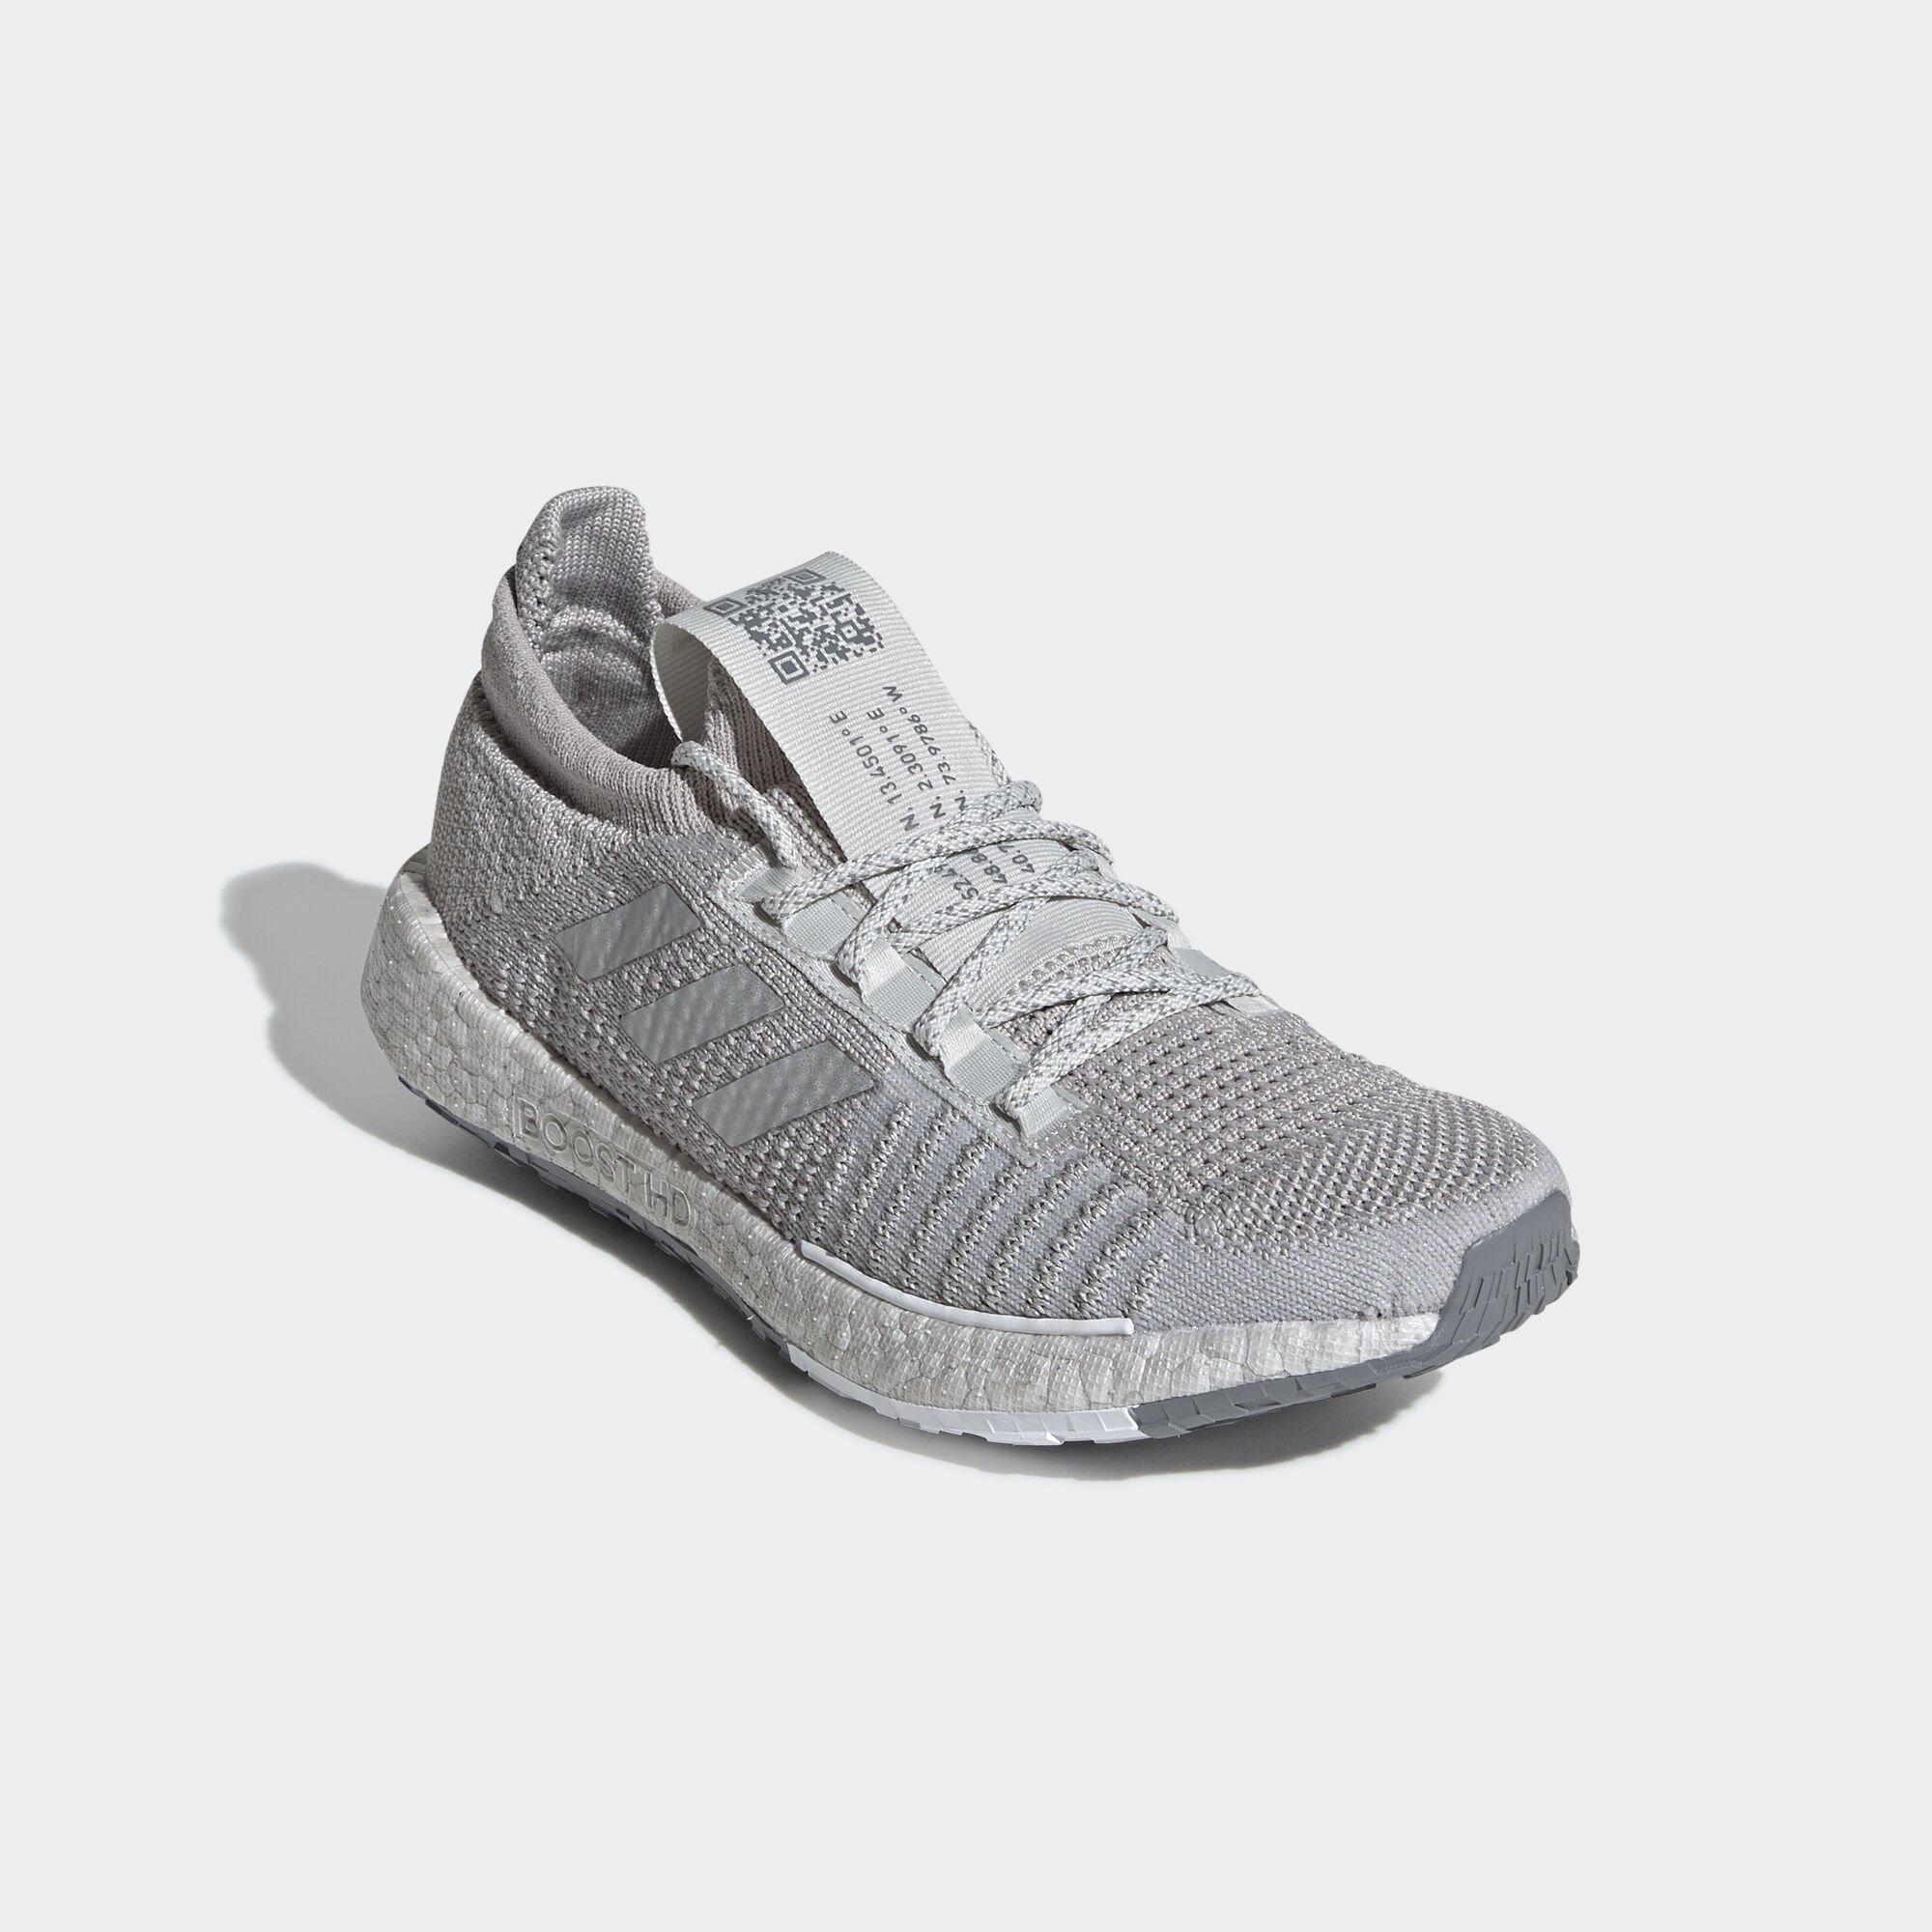 adidas Pulseboost HD Grey One (W) (G26991)